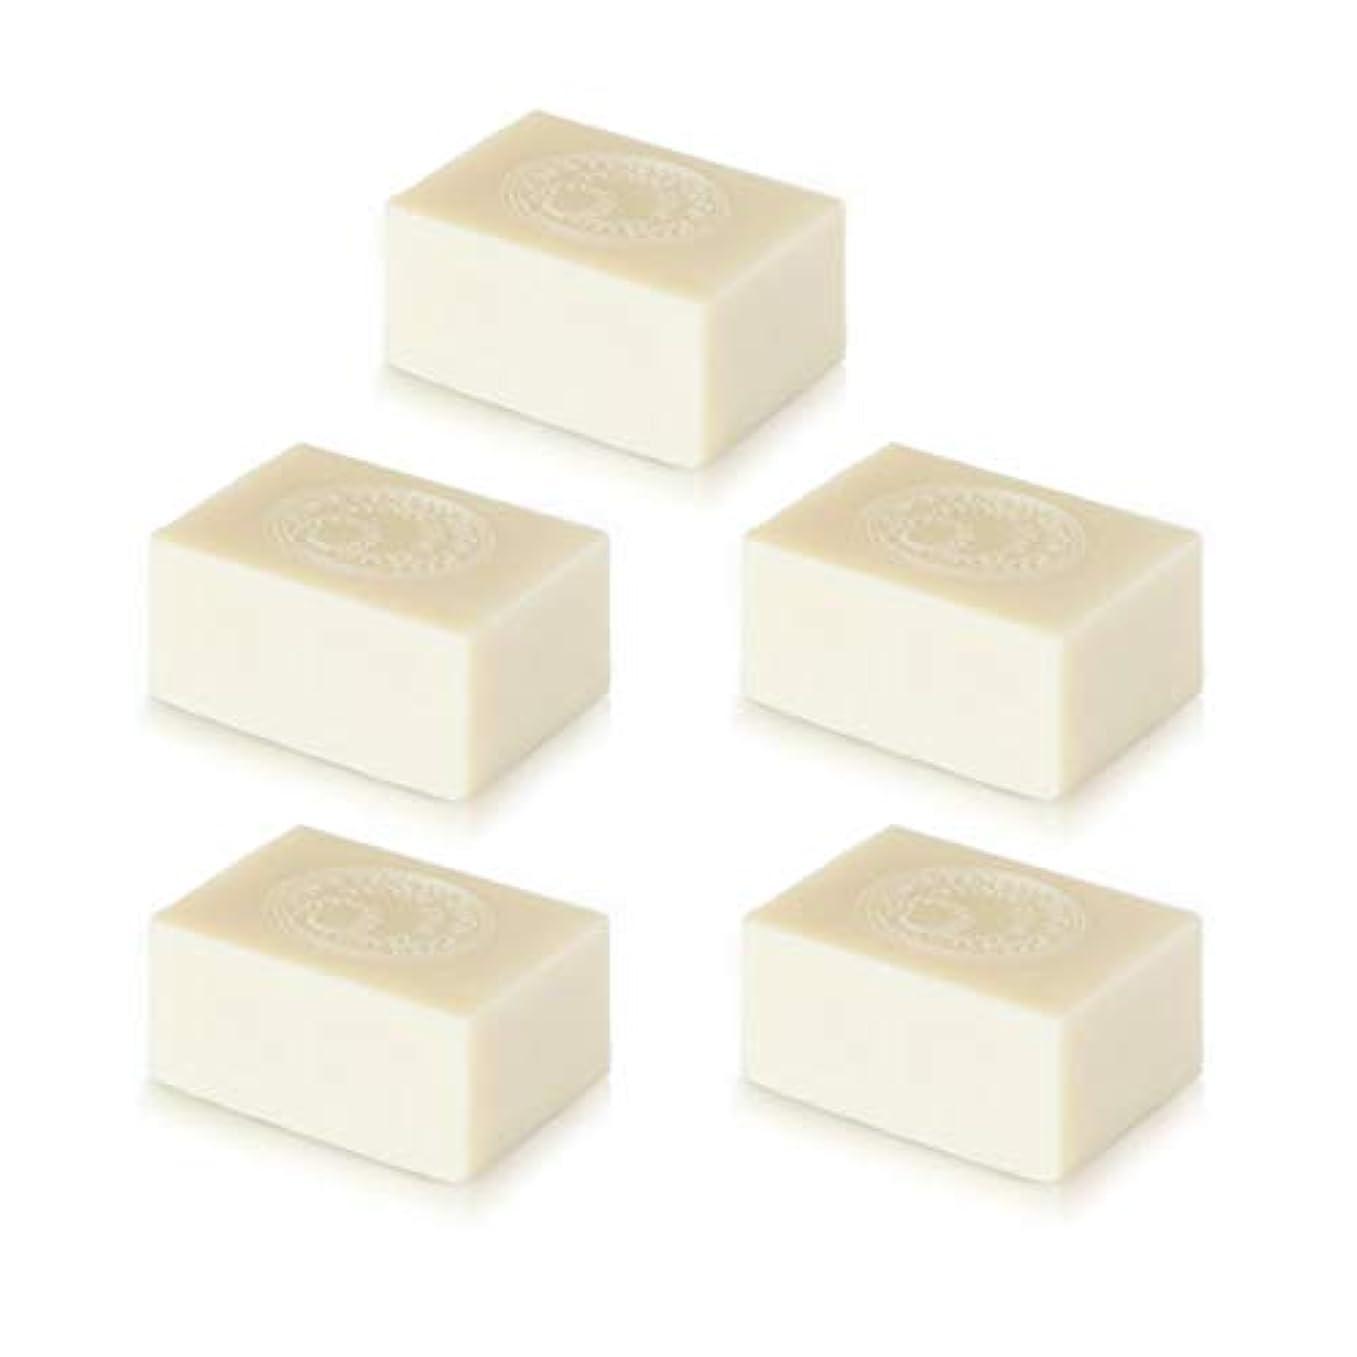 発明する広大な数ナイアード アルガン石鹸5個セット( 145g ×5個)無添加アルガン石鹸